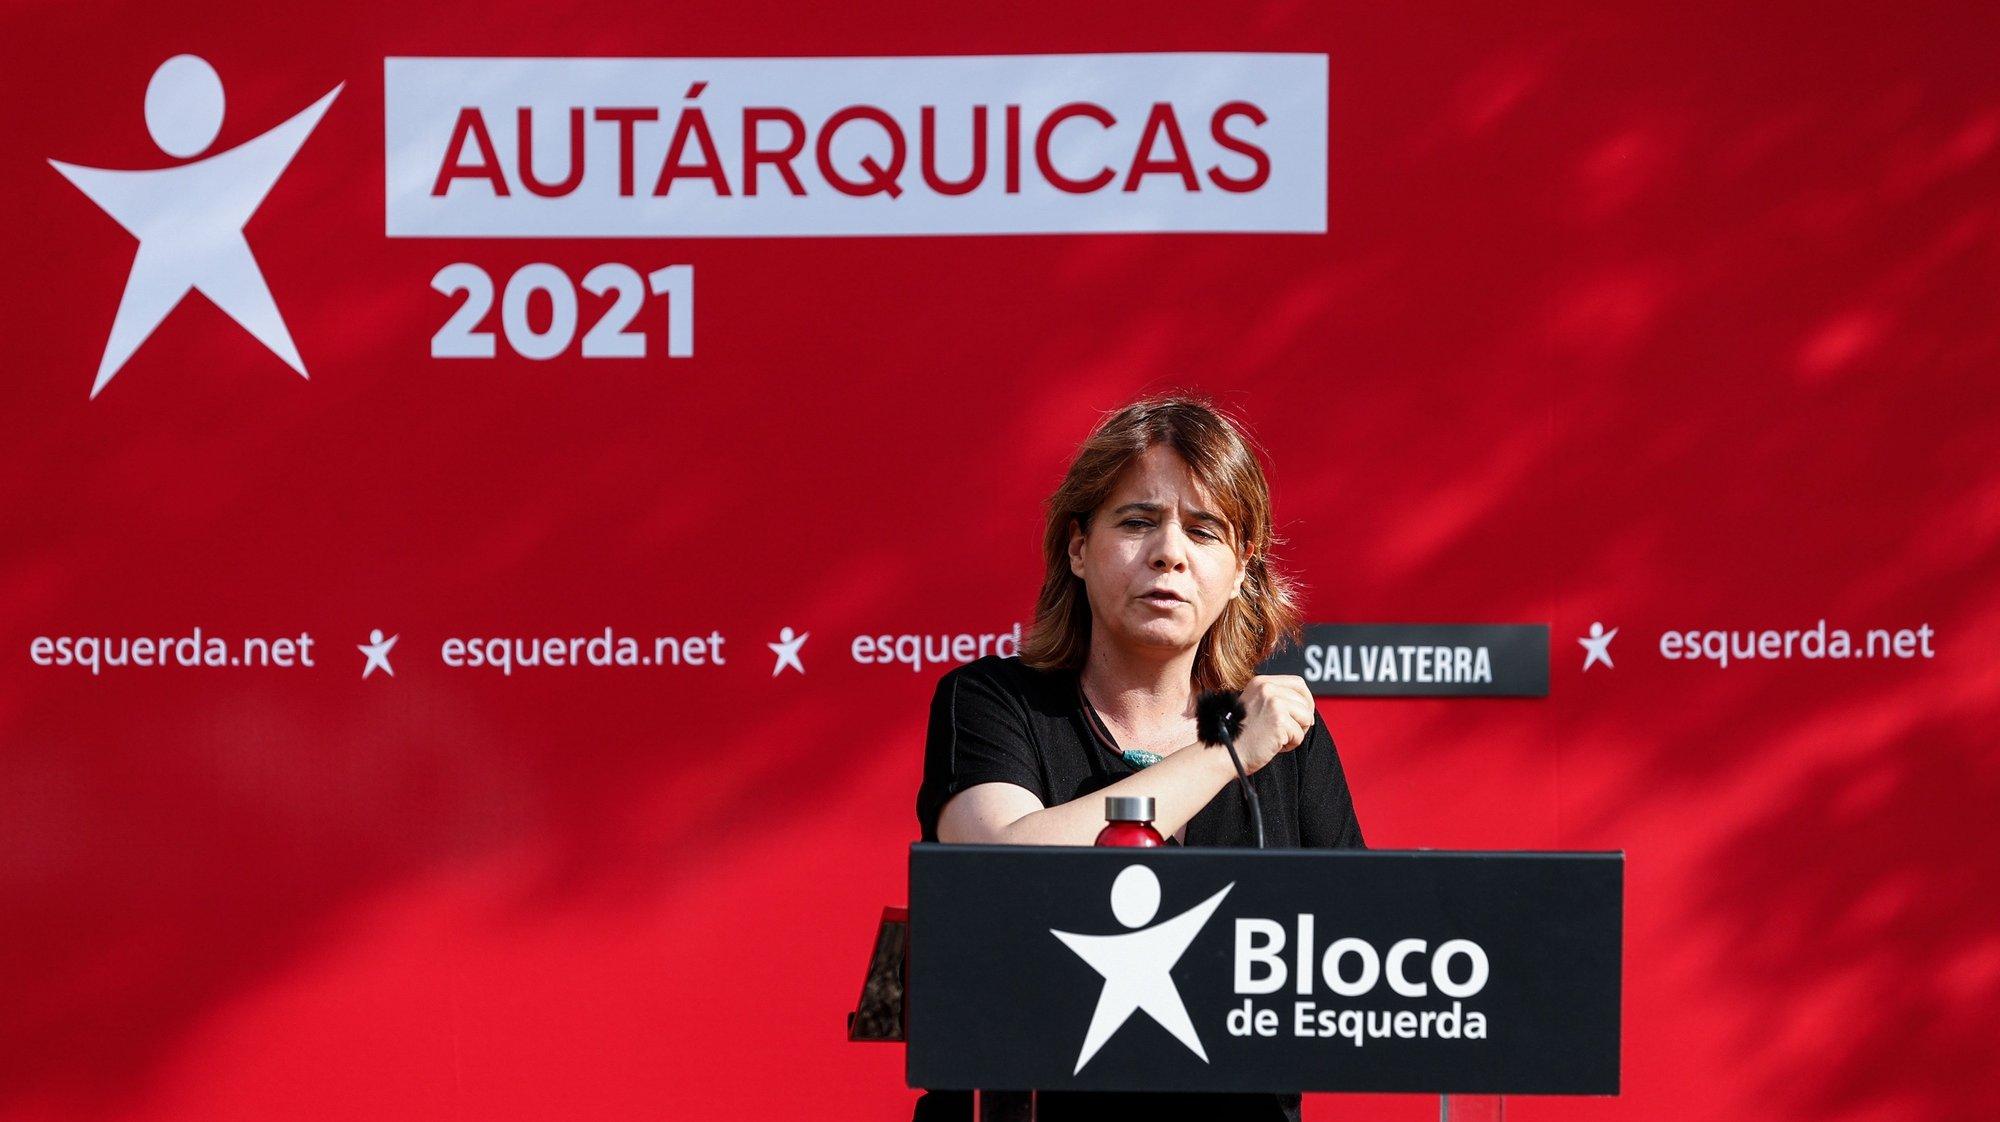 A coordenadora nacional do Bloco de Esquerda (BE), Catarina Martins, intervém durante o comício de apresentação da candidatura de Luís Gomes (ausente na foto), à Câmara Municipal de Salvaterra de Magos, em Santarém ,12 de junho de de 2021. ANTÓNIO COTRIM/LUSA